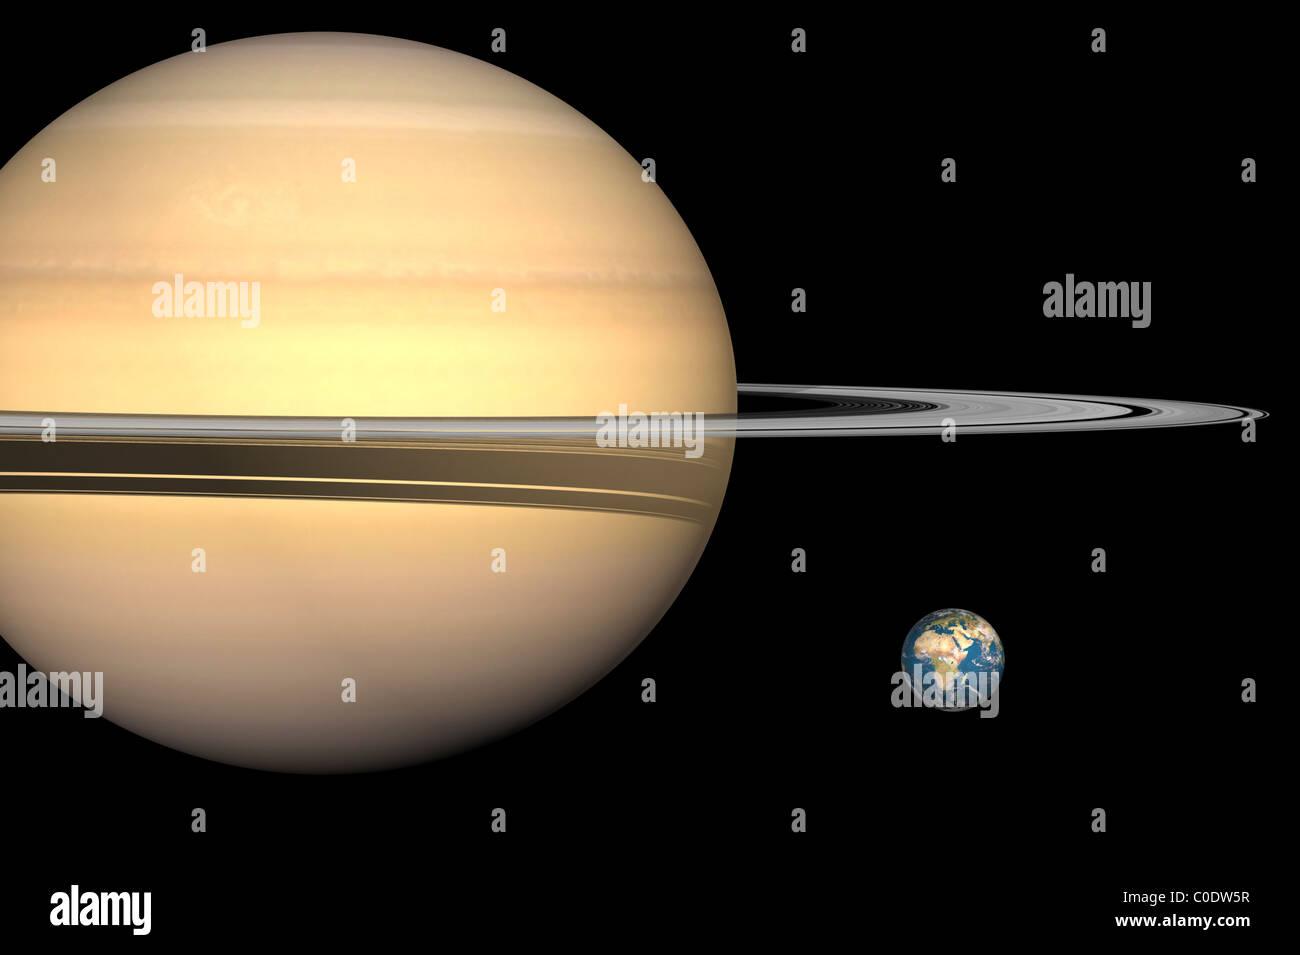 Illustrazione di Saturno e la terra in scala. Immagini Stock